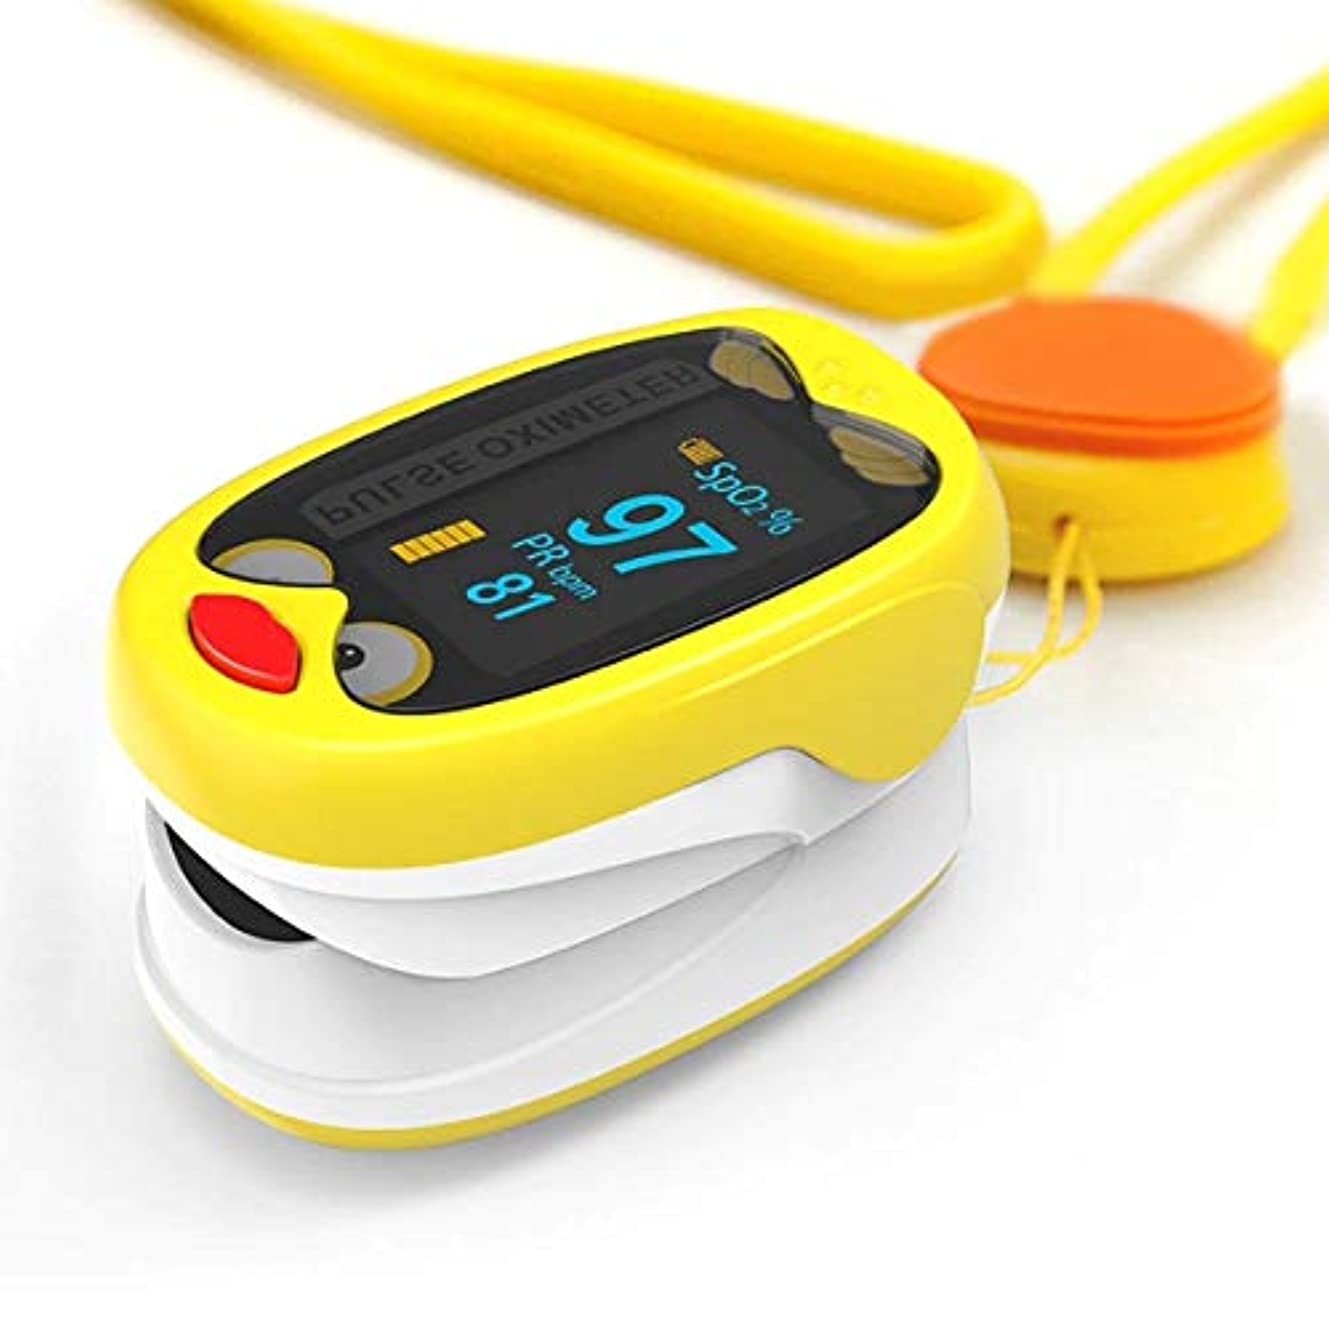 戦う取り付け経由で子供および子供のための血SpO2指の酸化濃度計の酸素含有量を測定する脈拍の酸化濃度計のデジタル回転OLEDスクリーン